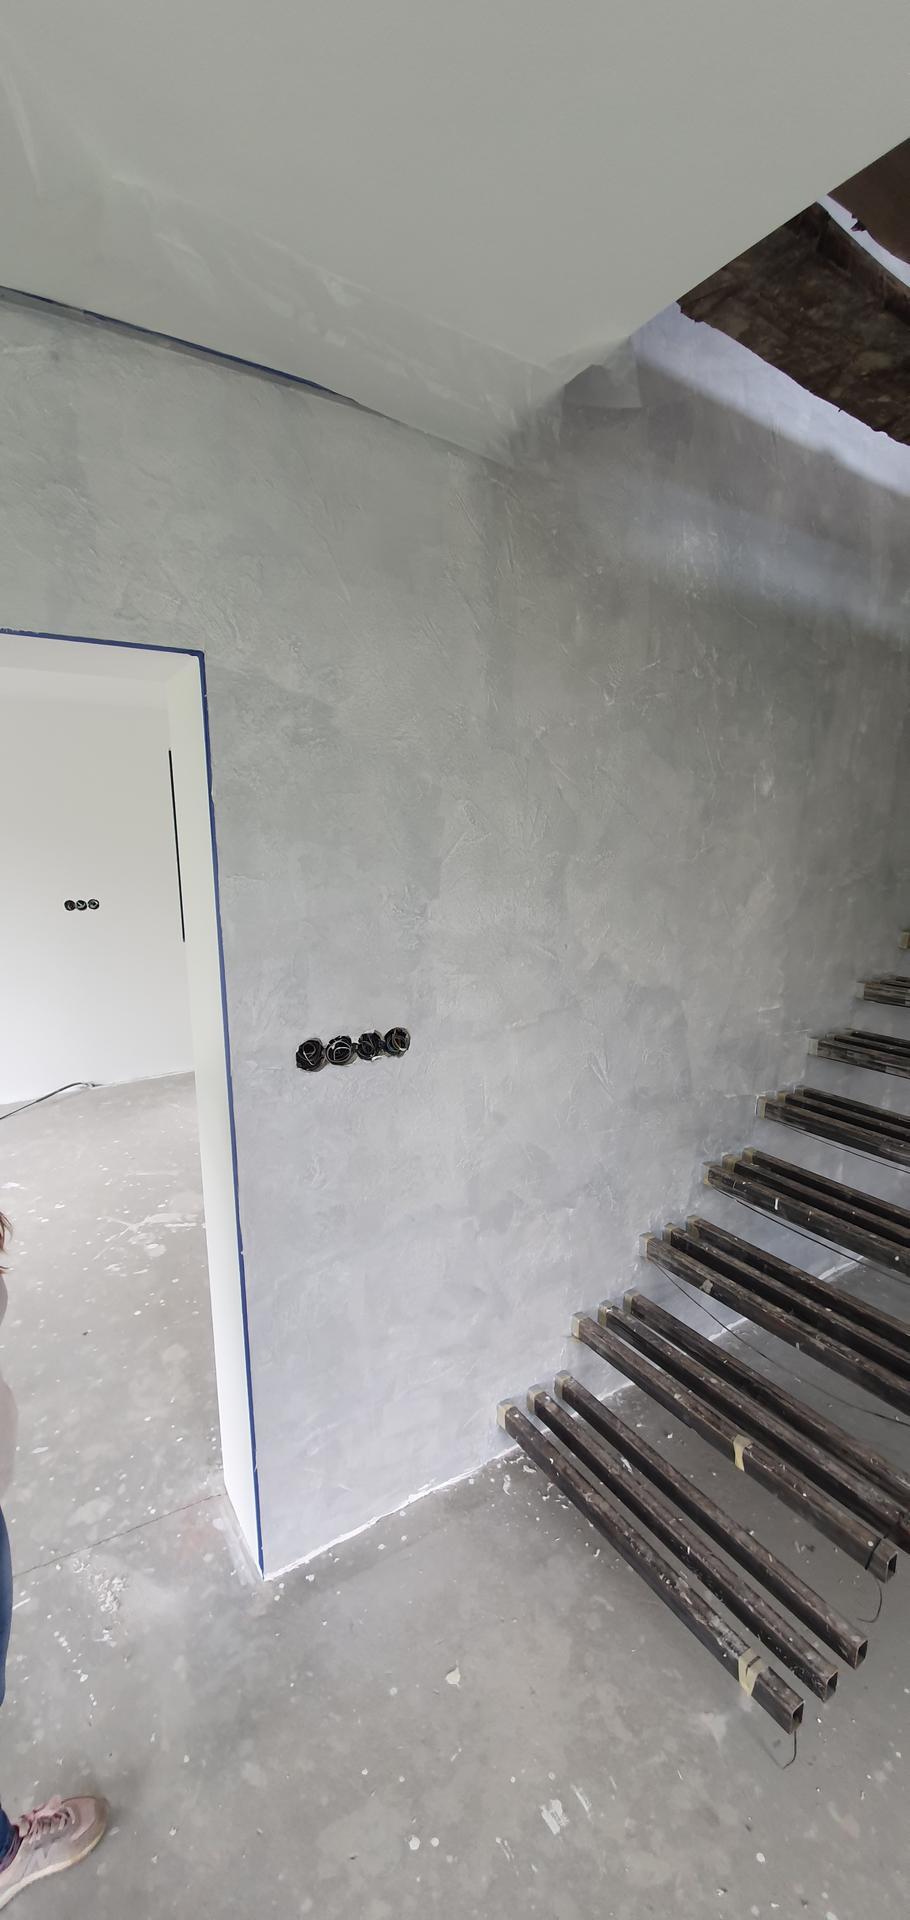 Konzolove schodisko (samonosne schody) - druhy podklad